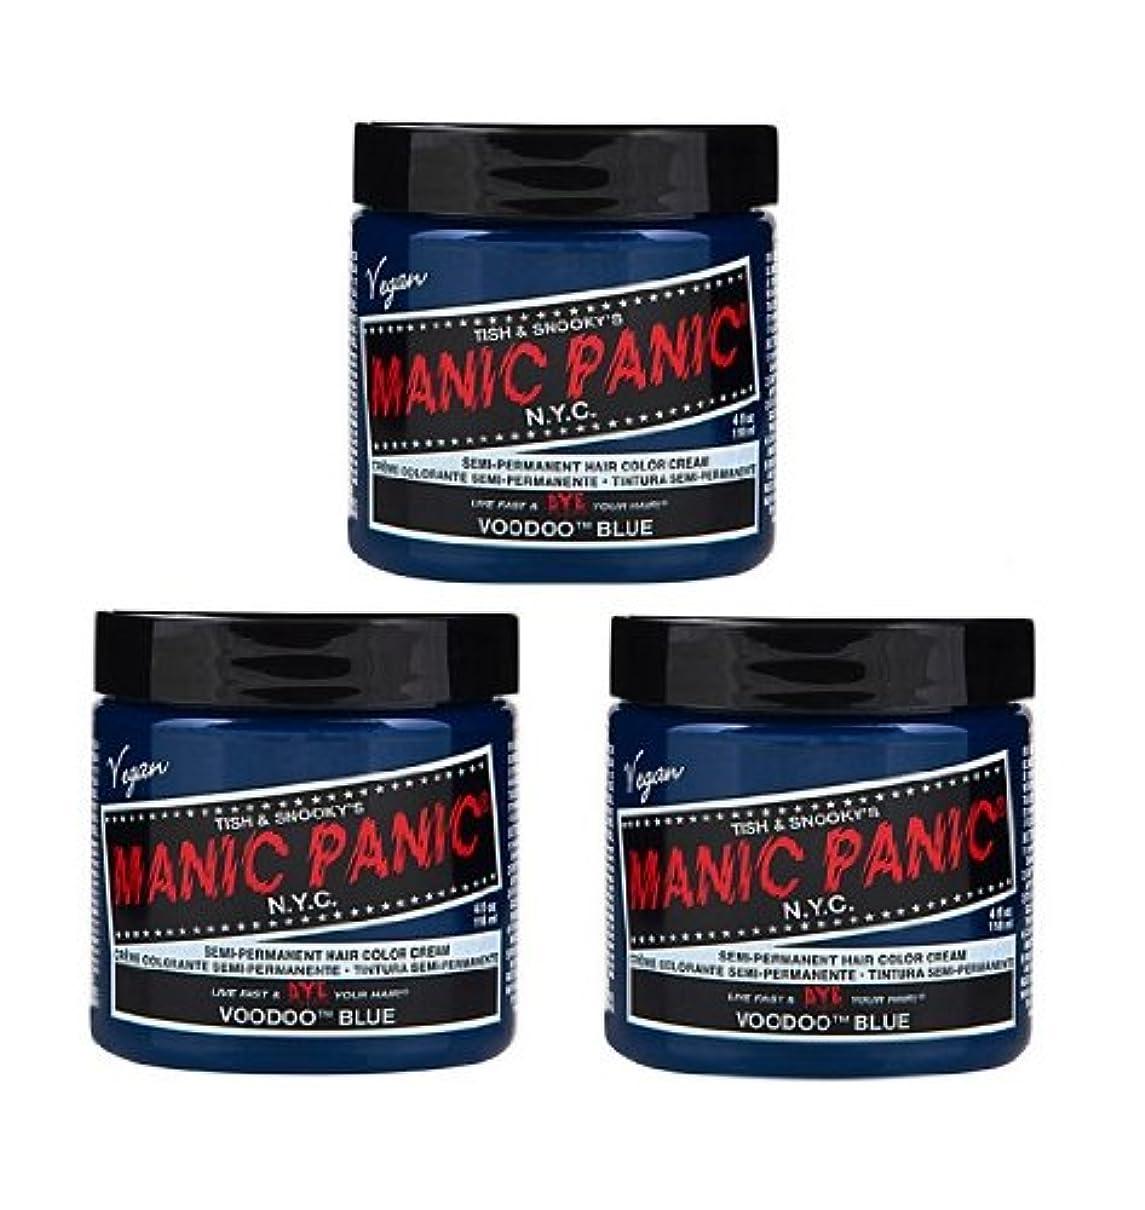 増幅器リース逮捕【3個セット】MANIC PANIC マニックパニック Voodoo Blue ブードゥーブルー 118ml